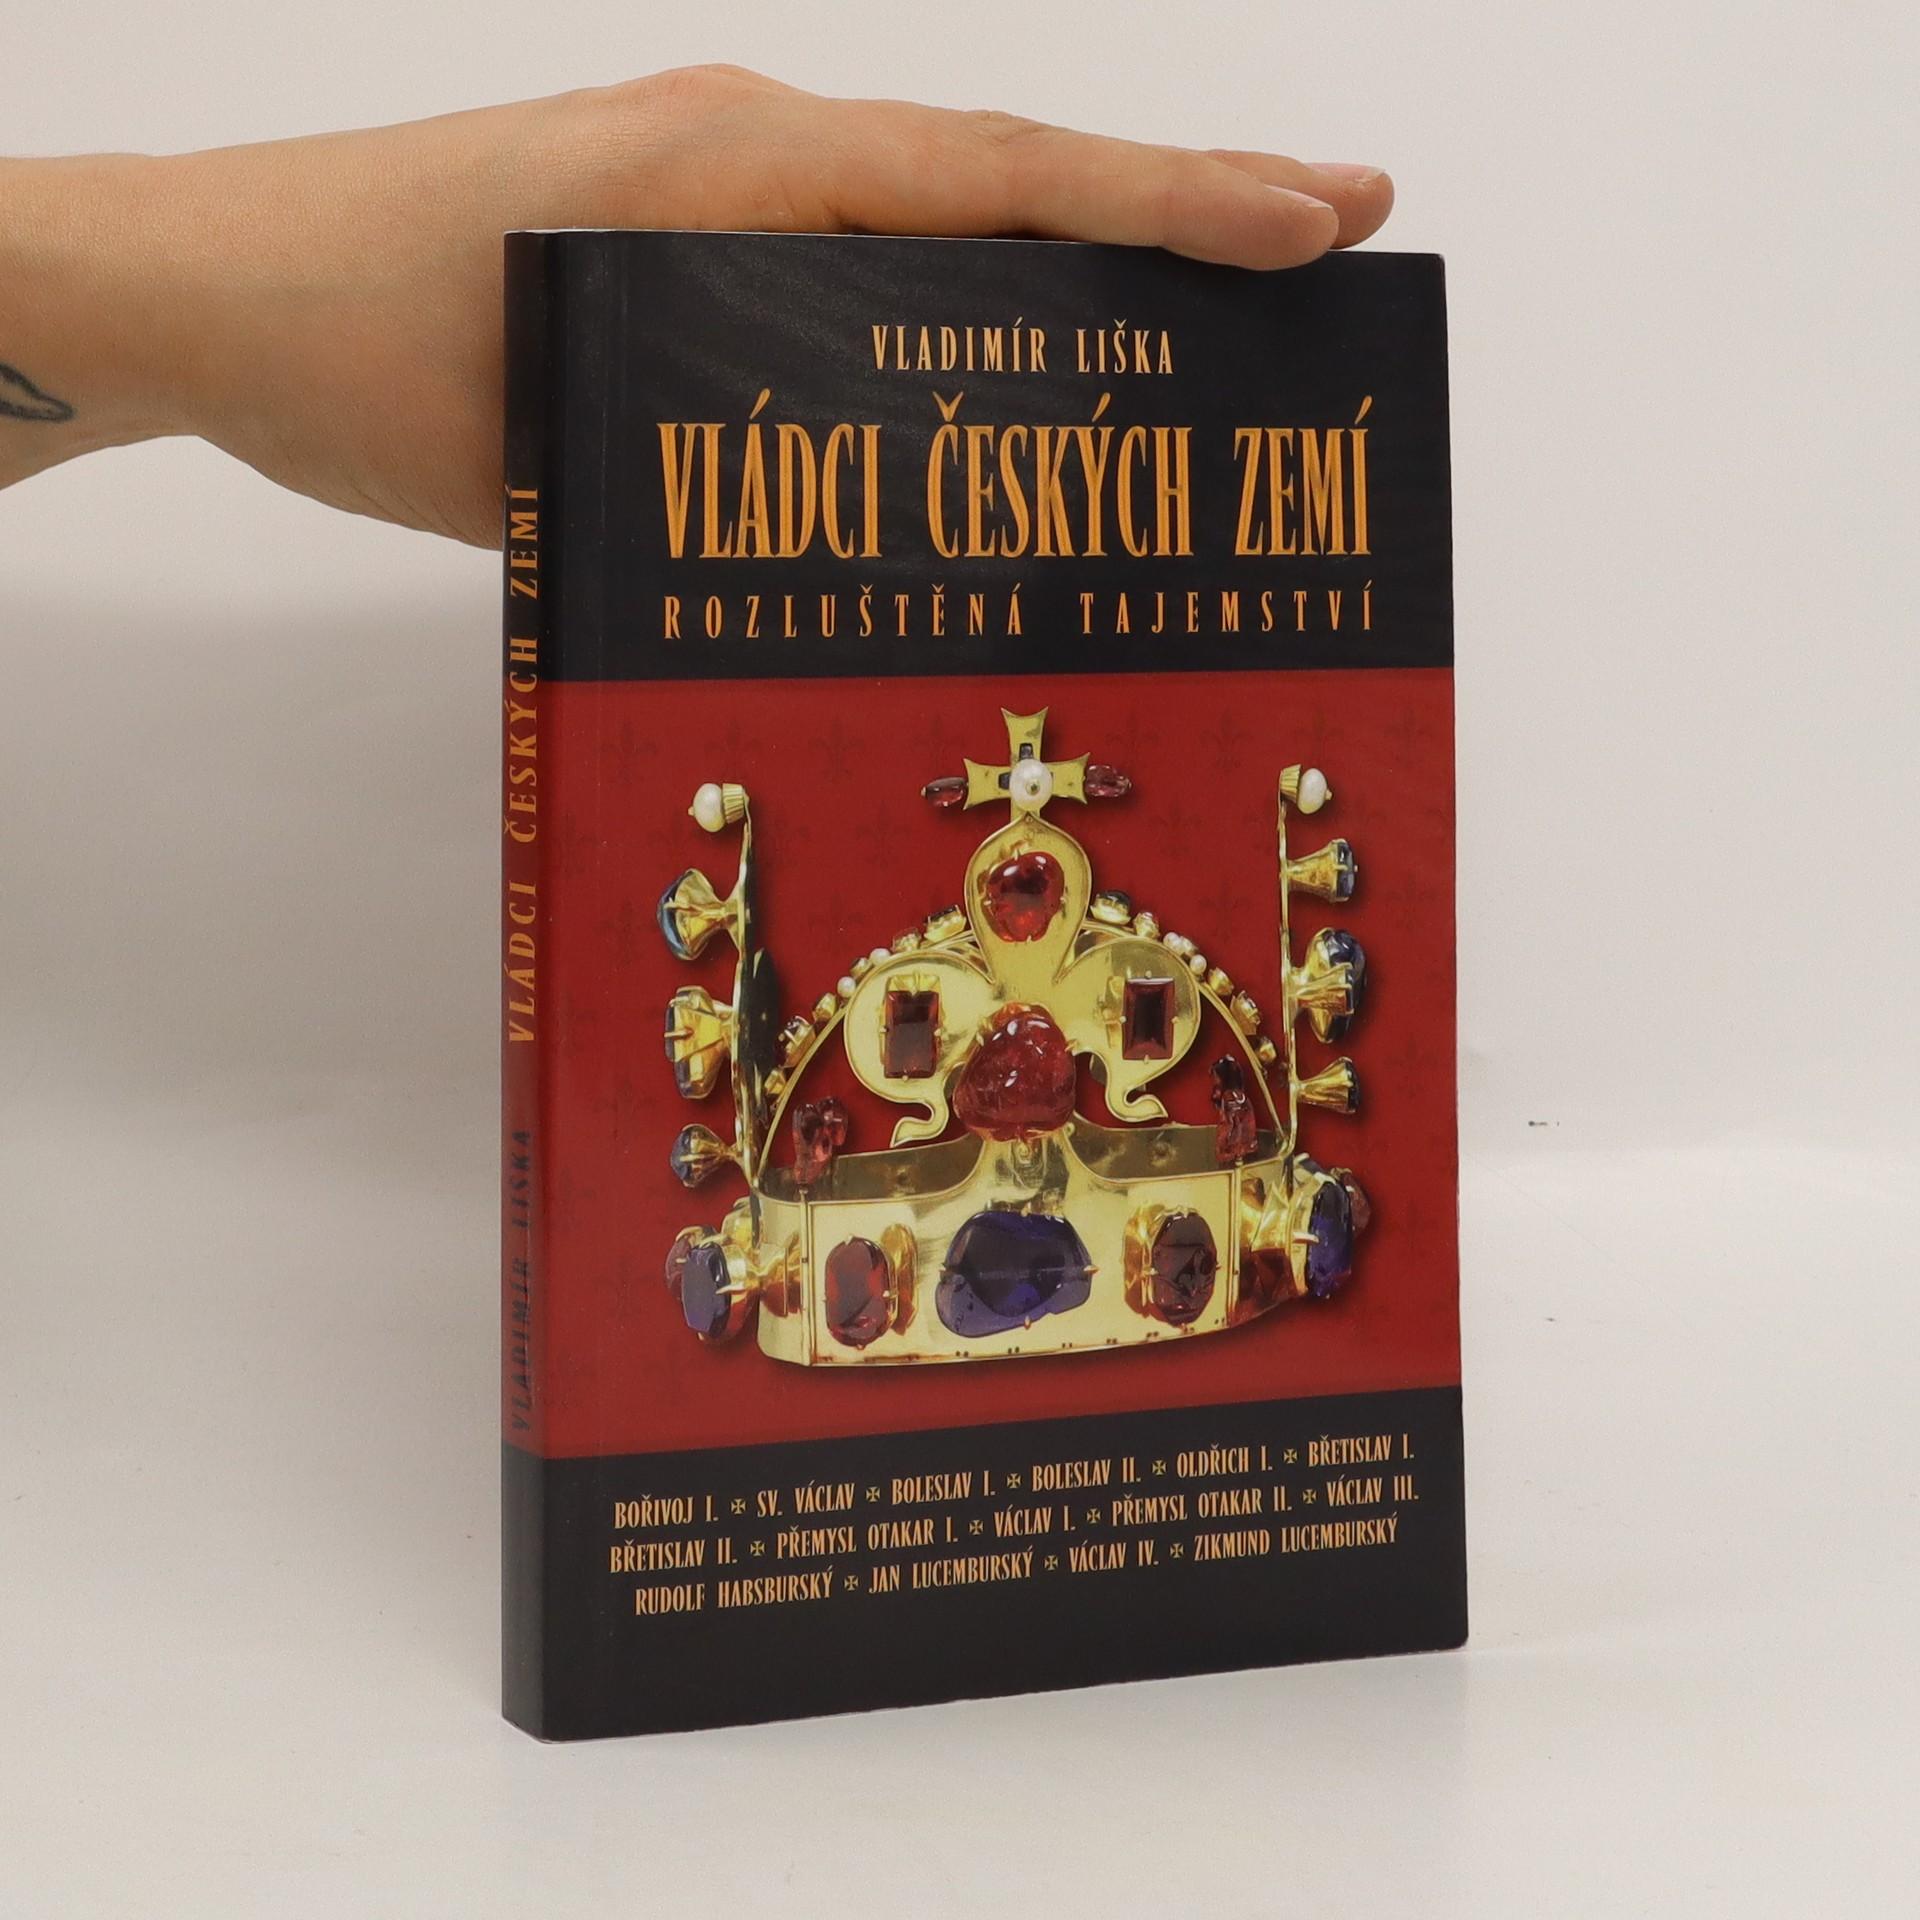 antikvární kniha Vládci českých zemí : rozluštěná tajemství, 2009